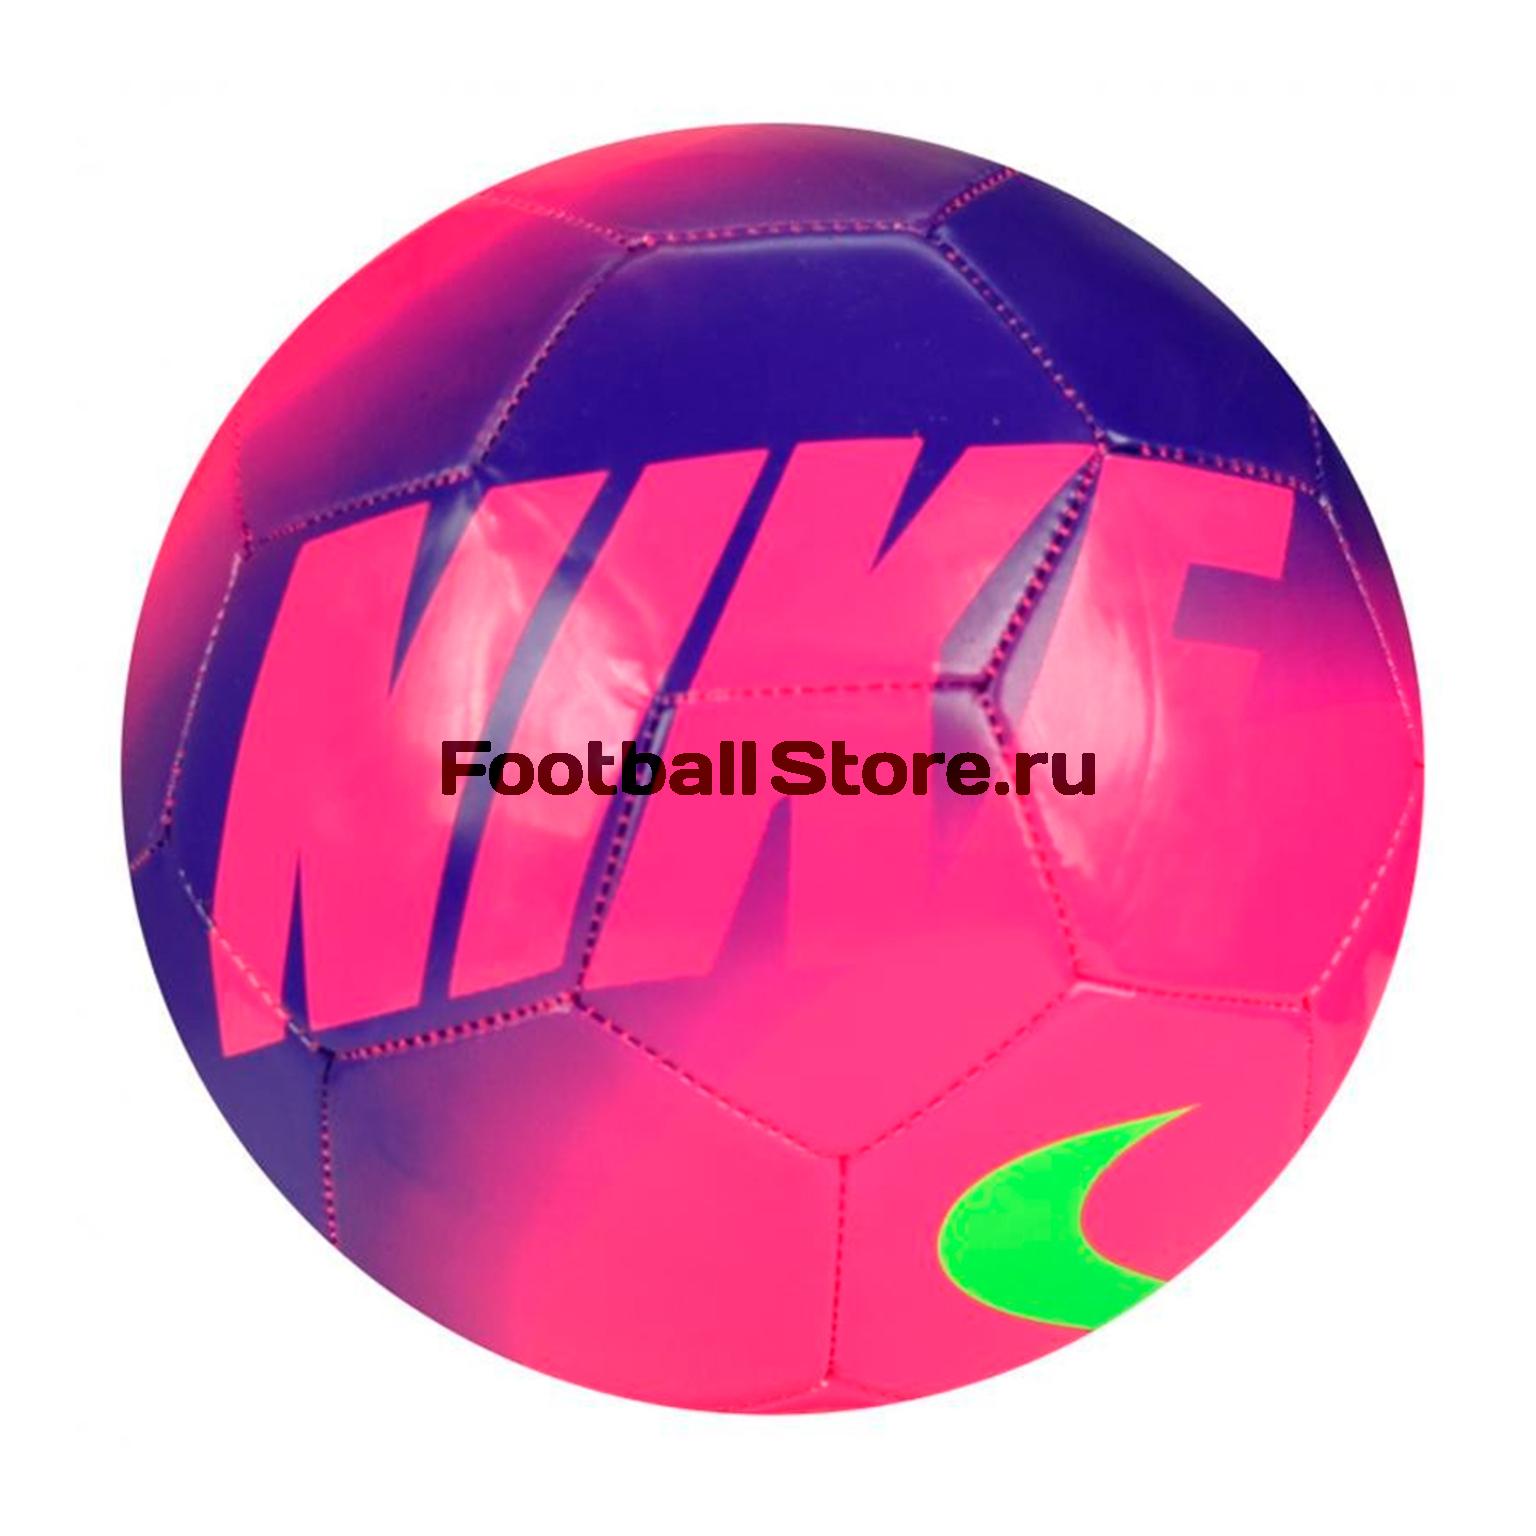 Мяч футбольный Nike Mercurial fade – купить в интернет магазине ... 1e26e9bfdcb